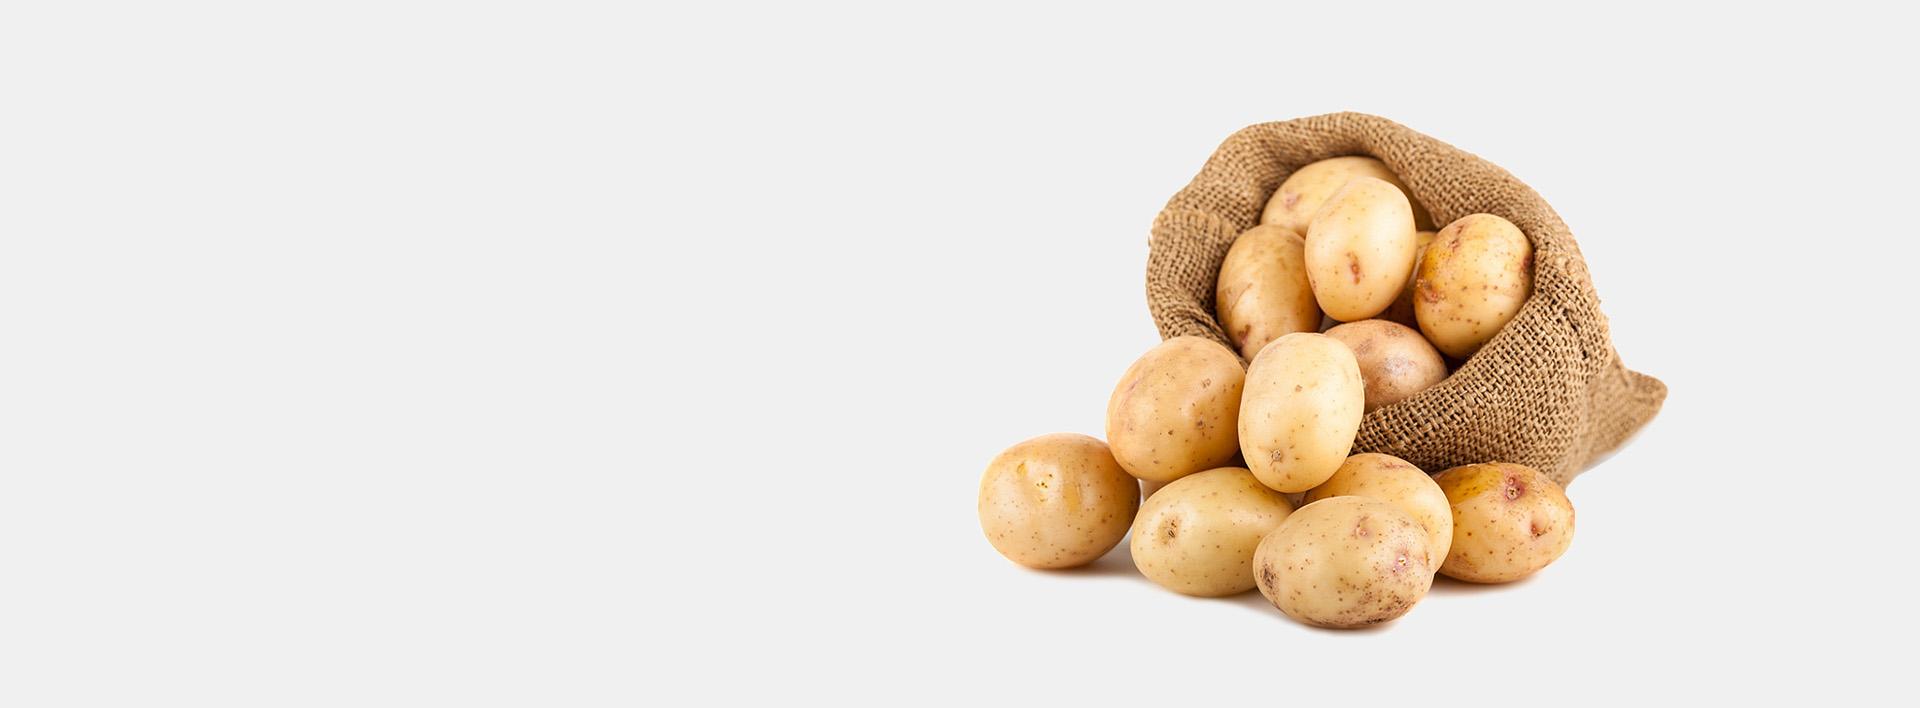 petalas-emporio-patata-header-2